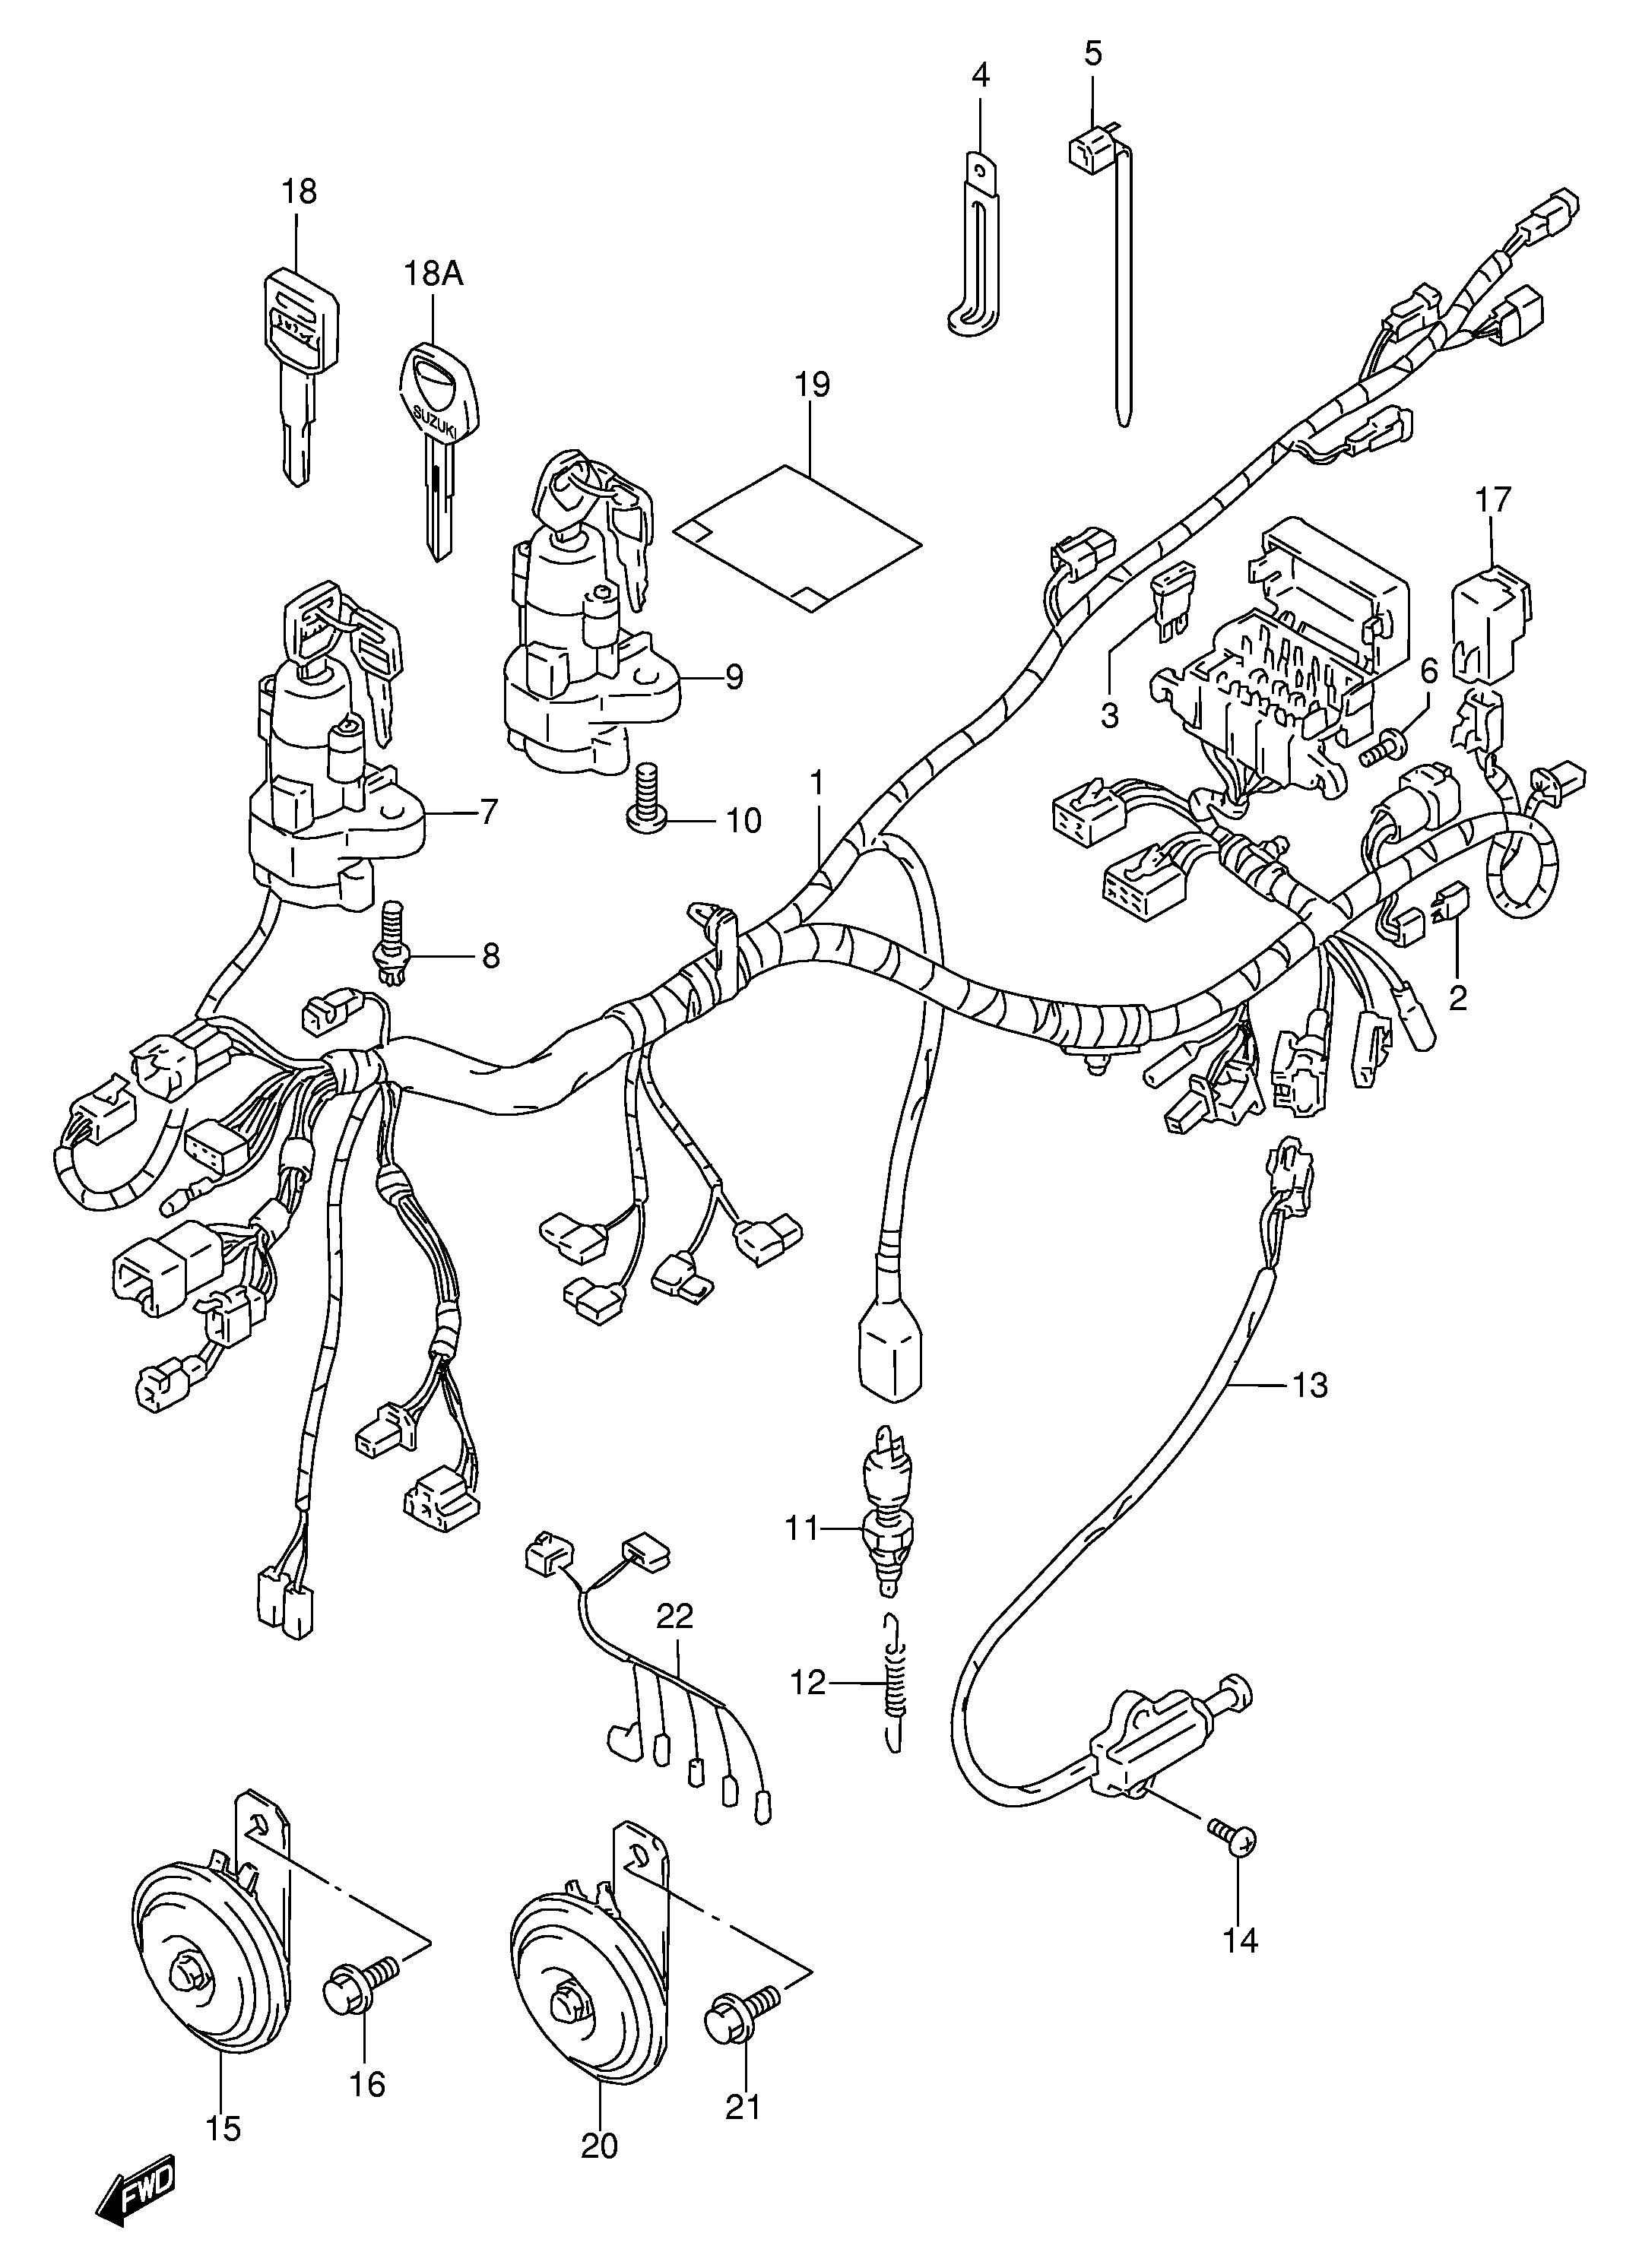 sistema electrico completo suzuki bandit 600s y 600n 1995